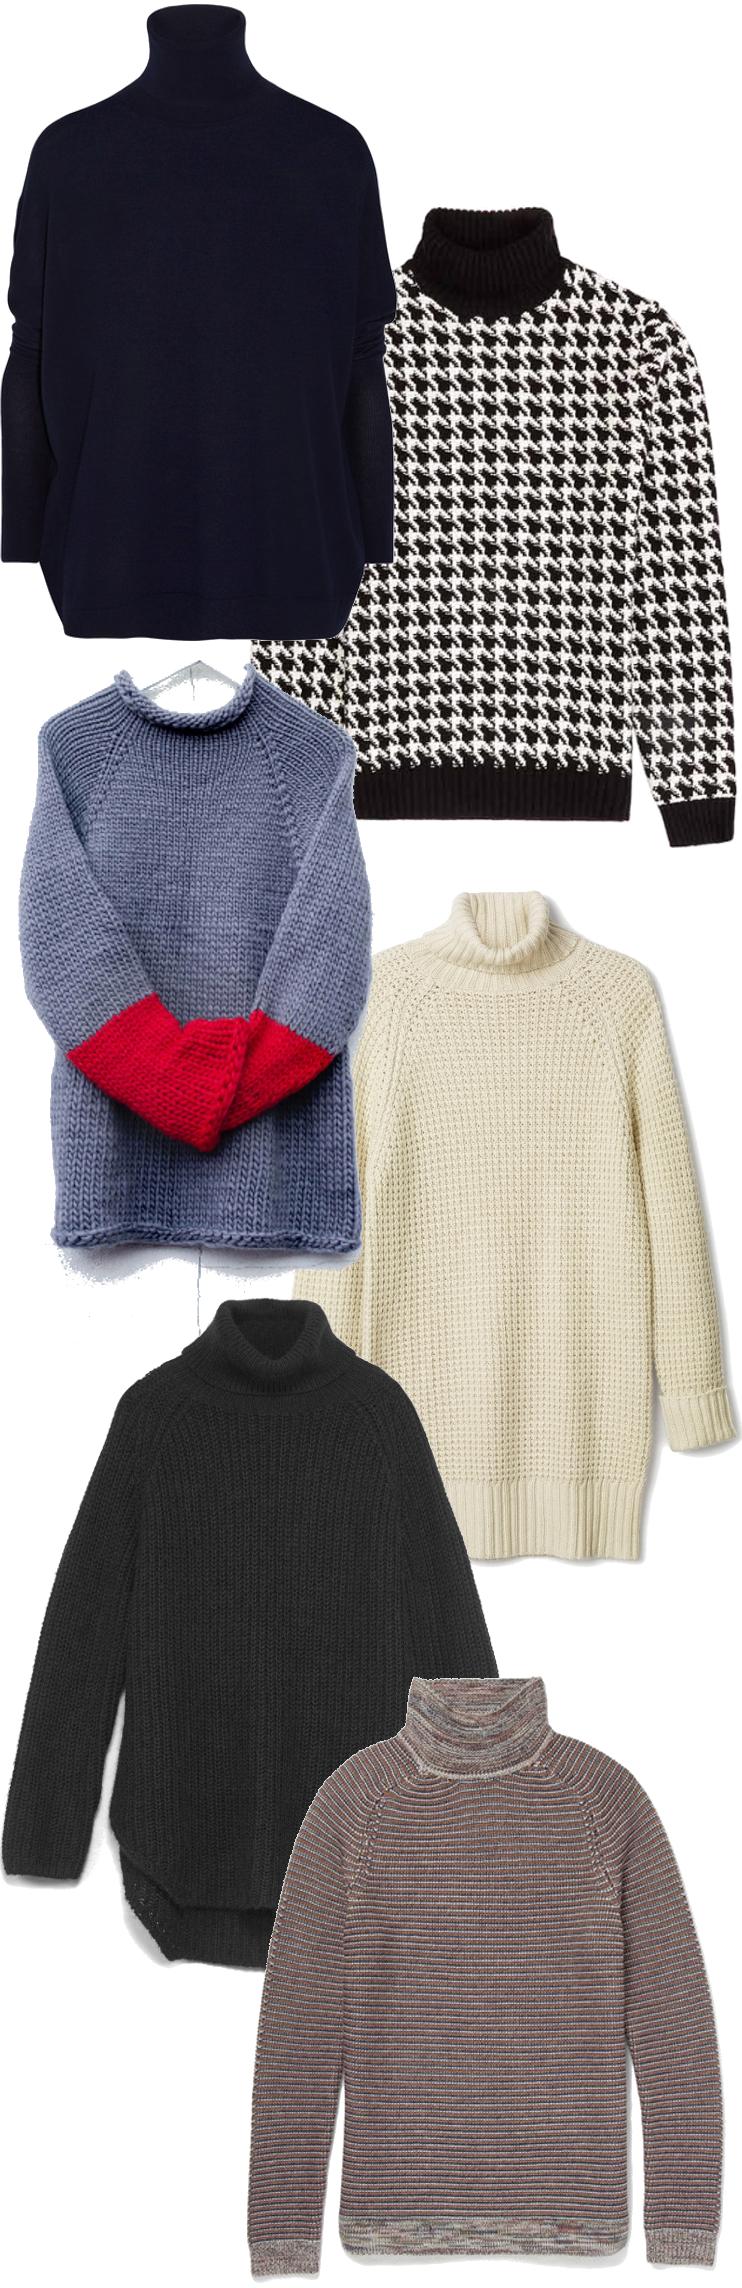 unisex knits